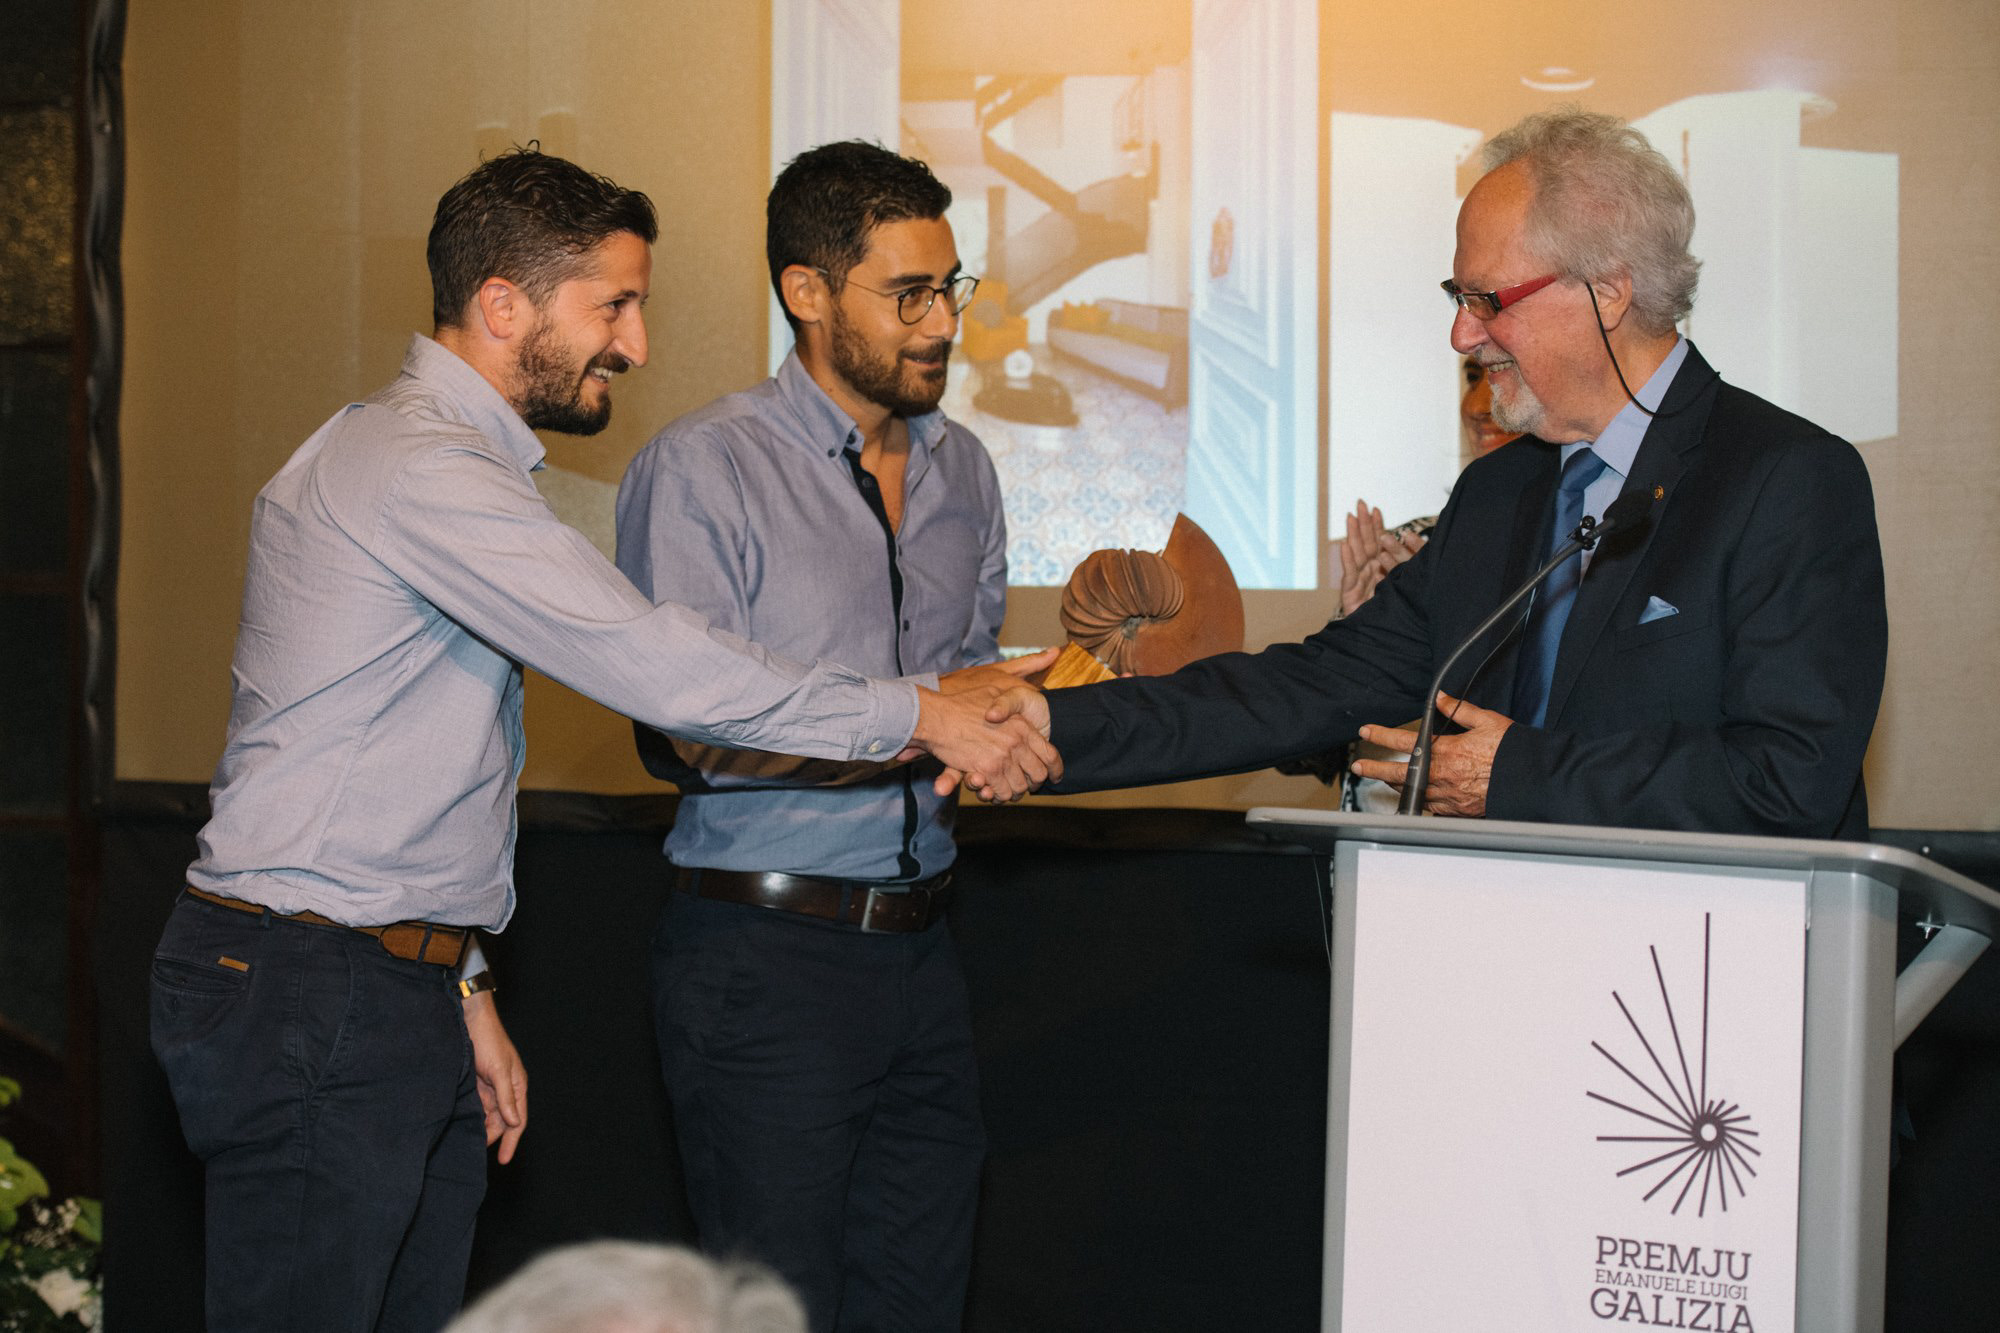 VALENTINO ARCHITECTS AWARDED PREMJU GALIZIA EMERGING PRACTICE 2018